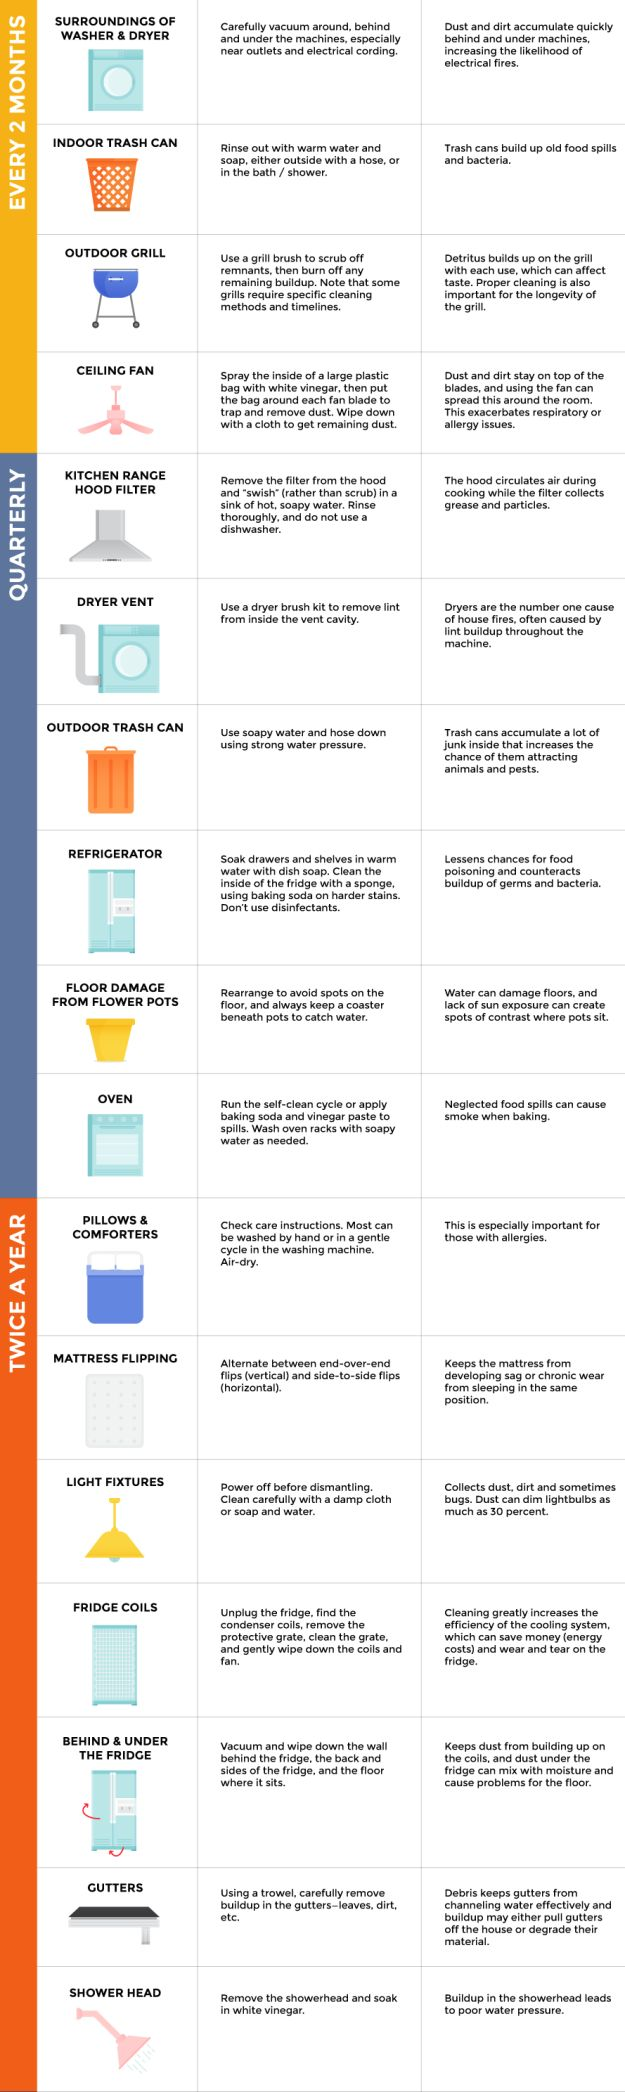 best 25+ deep cleaning checklist ideas on pinterest | deep